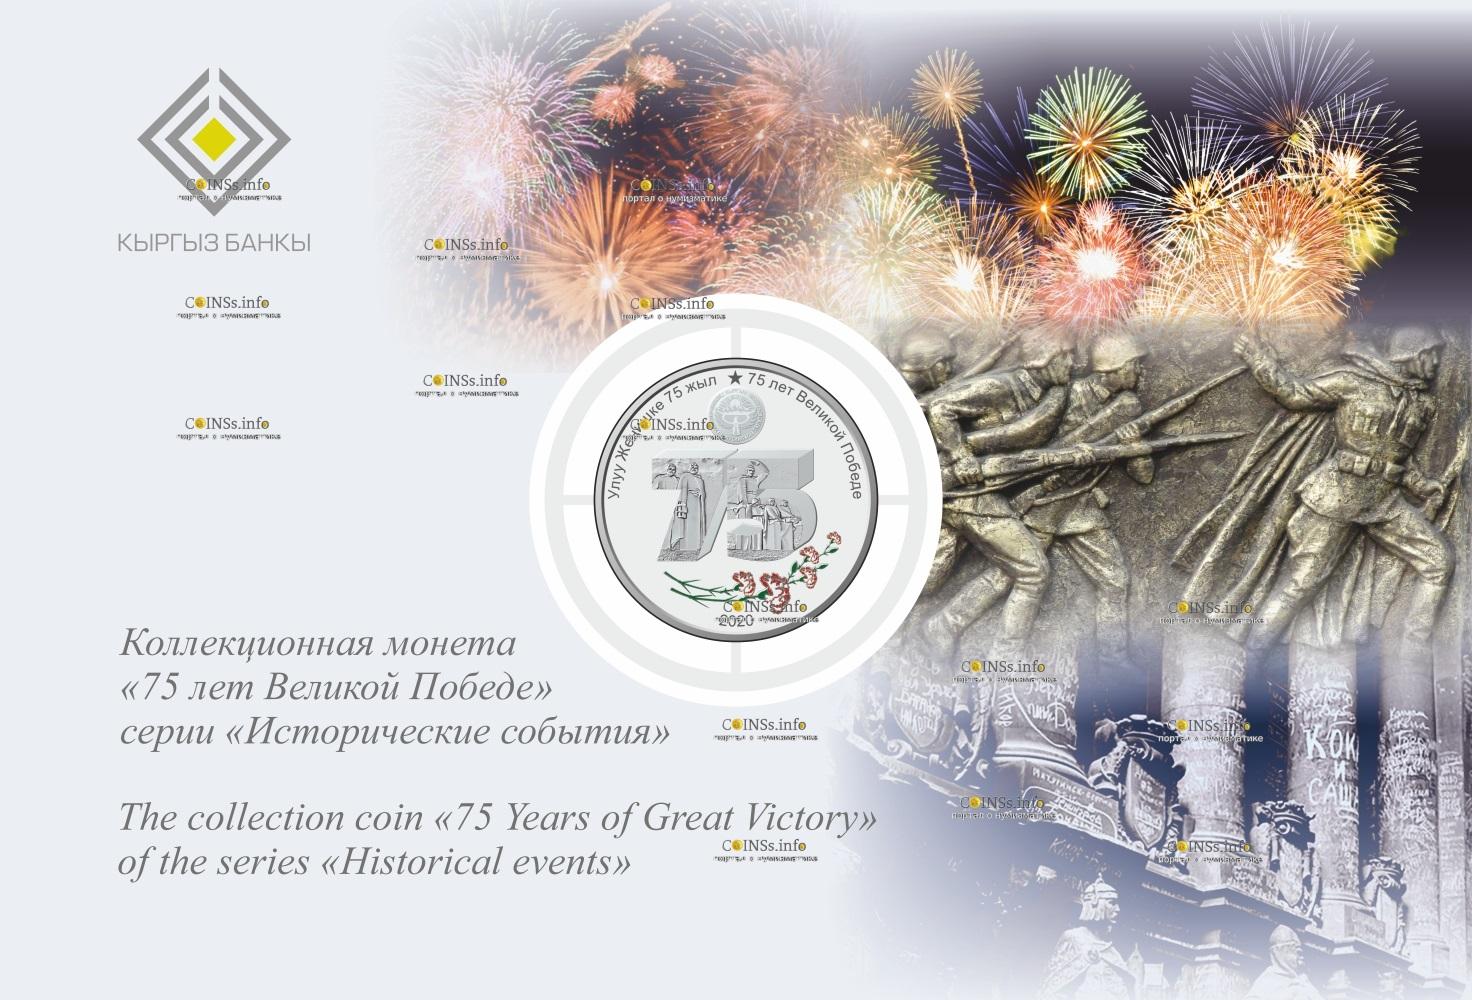 Кыргызстан монета 10 сомов 75 лет Великой Победы, подарочная упаковка